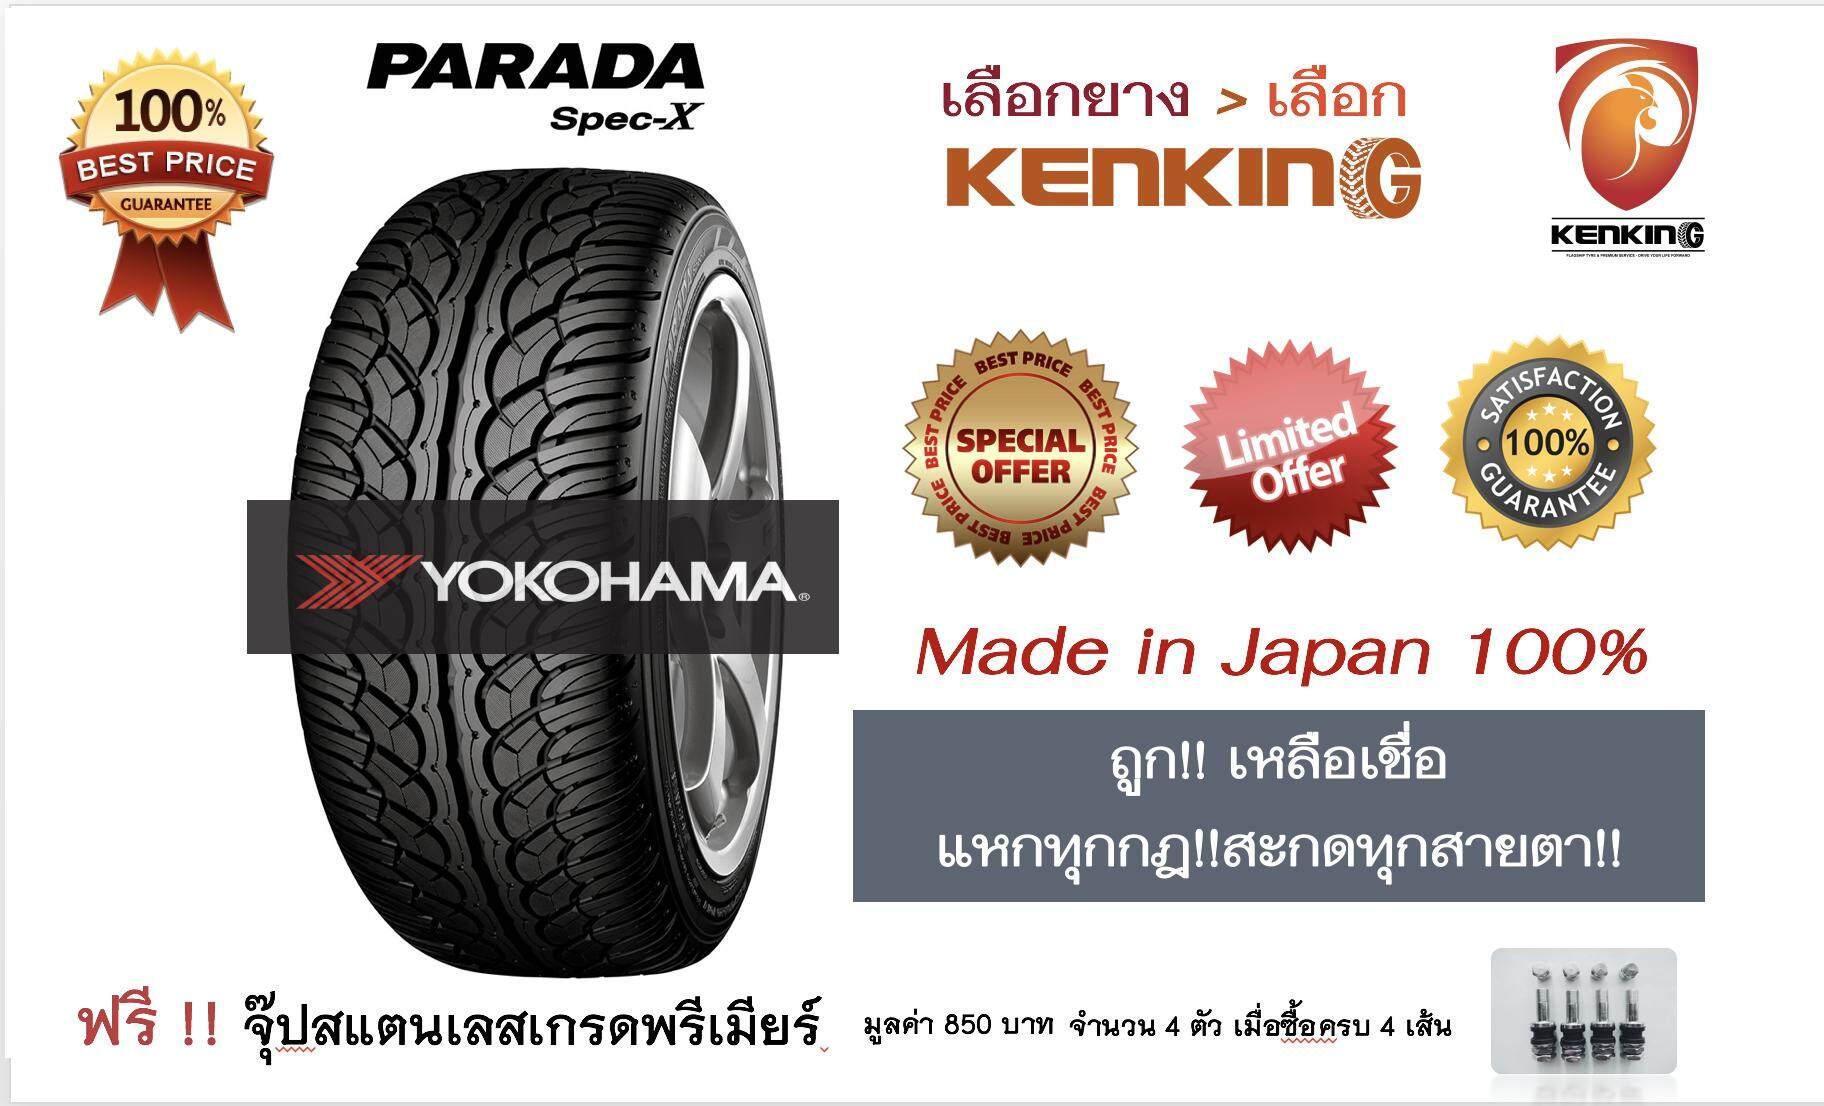 ประกันภัย รถยนต์ ชั้น 3 ราคา ถูก นครราชสีมา ยางรถยนต์ขอบ20 Yokohama  245/45 R20 Parada Spec-x NEW!! 2019 ( 1 เส้น ) FREE !! จุ๊ป PREMIUM BY KENKING POWER 650 บาท MADE IN JAPAN แท้ (ลิขสิทธิืแท้รายเดียว)